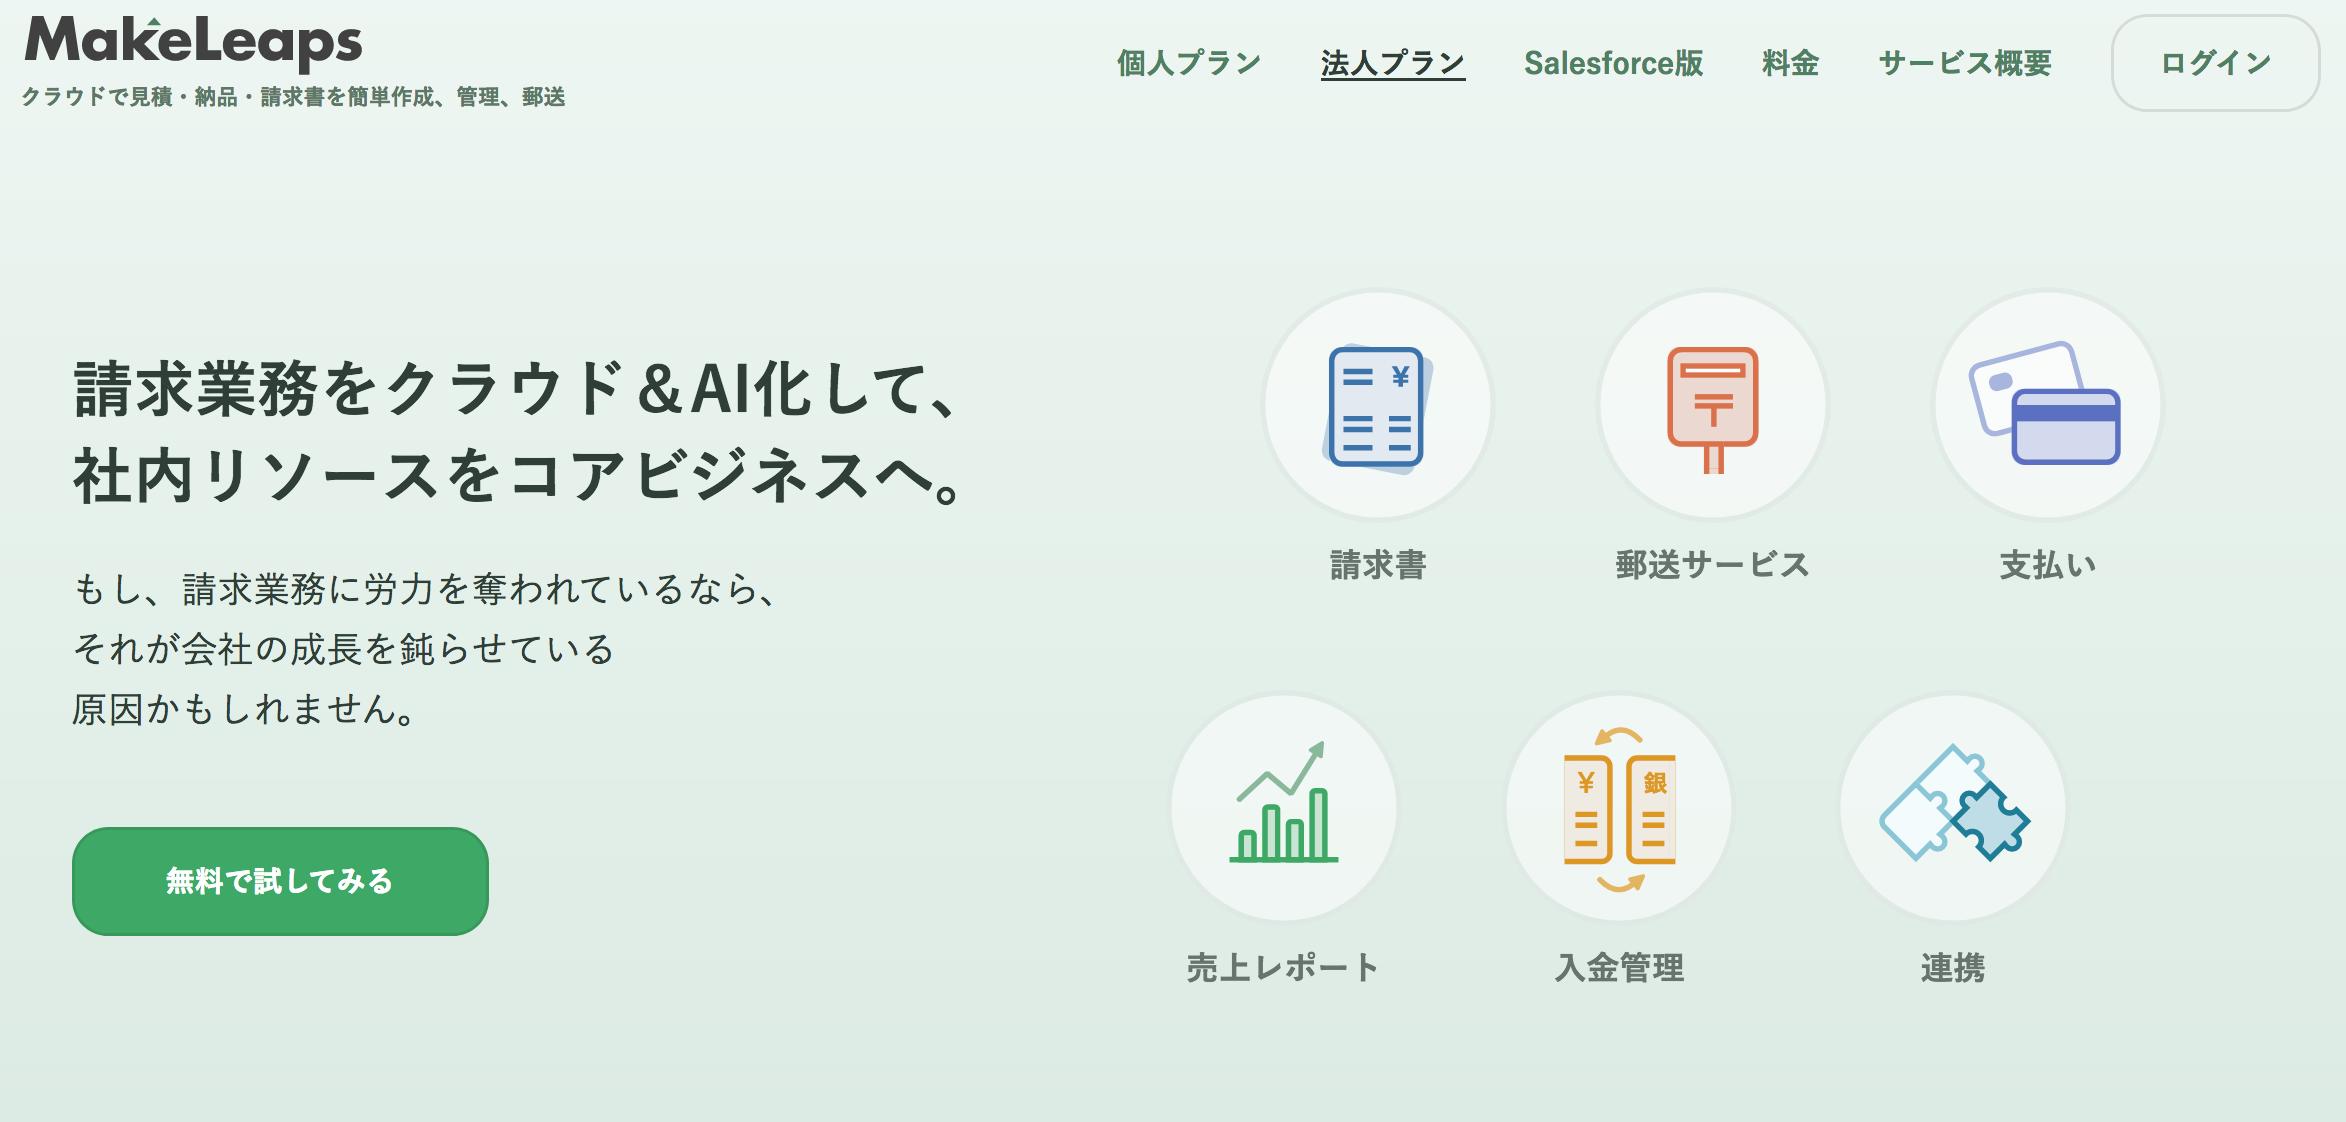 MakeLeapsウェブトップ画面のイメージ